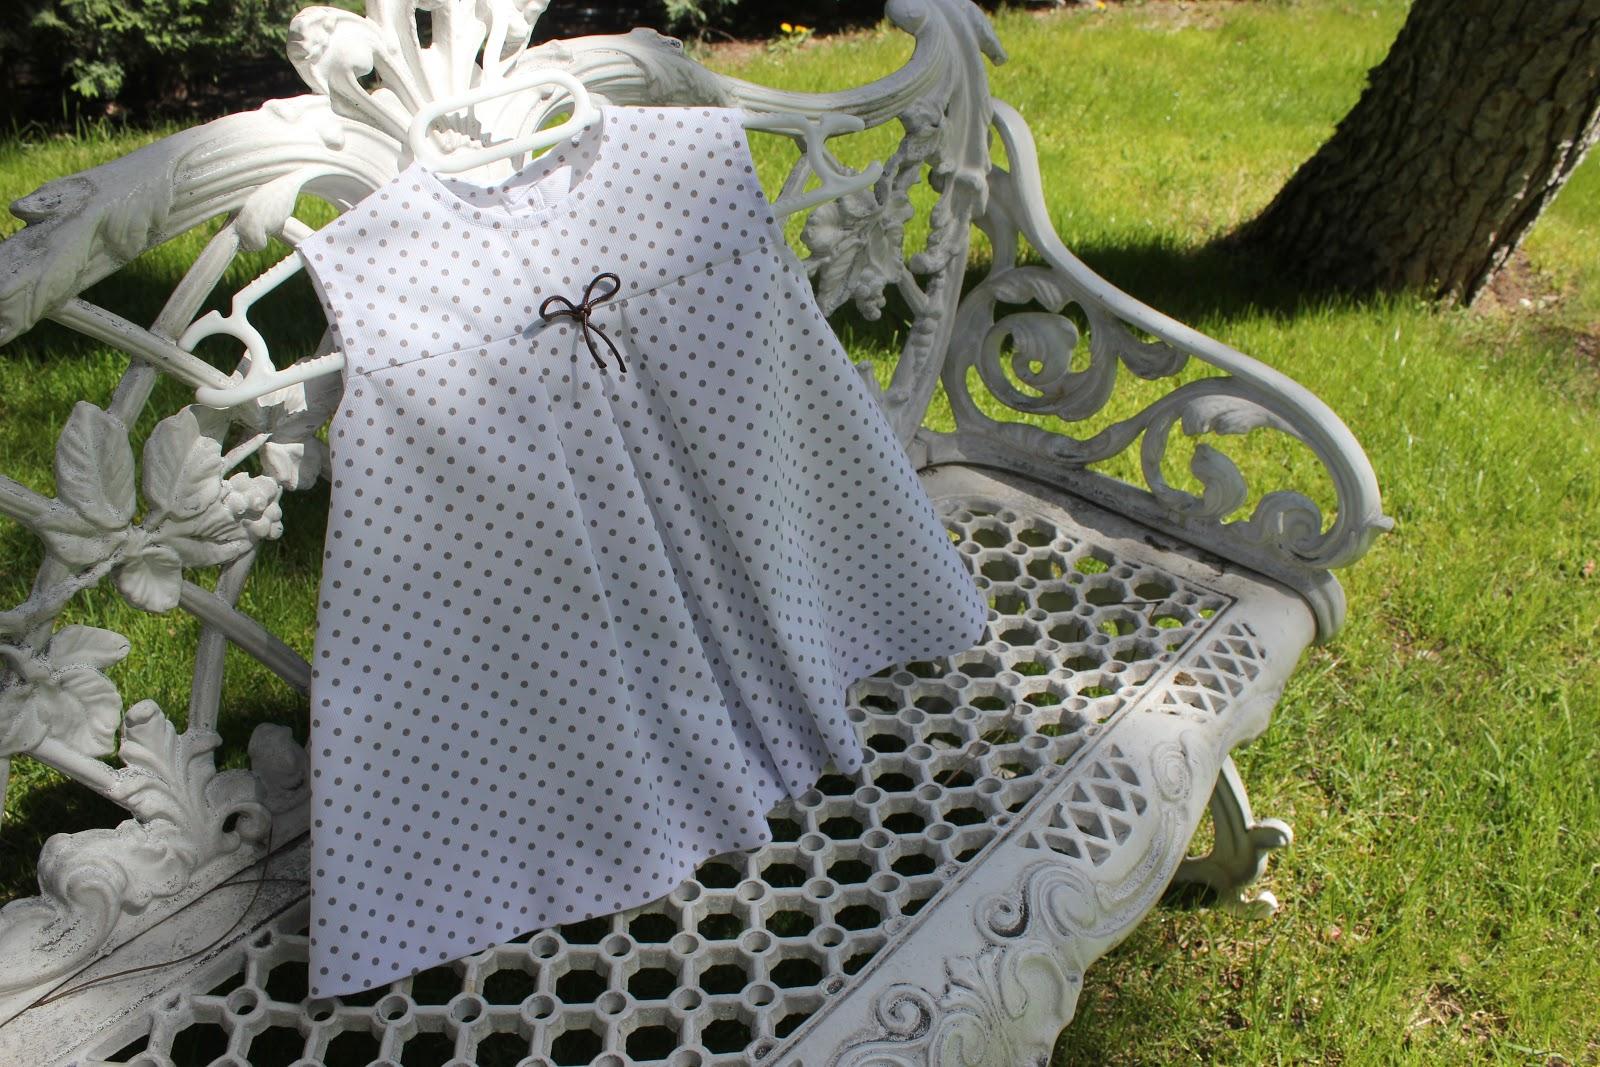 DIY, patrones, ropa de bebe y mucho más para coser  - imagenes de patrones de ropa